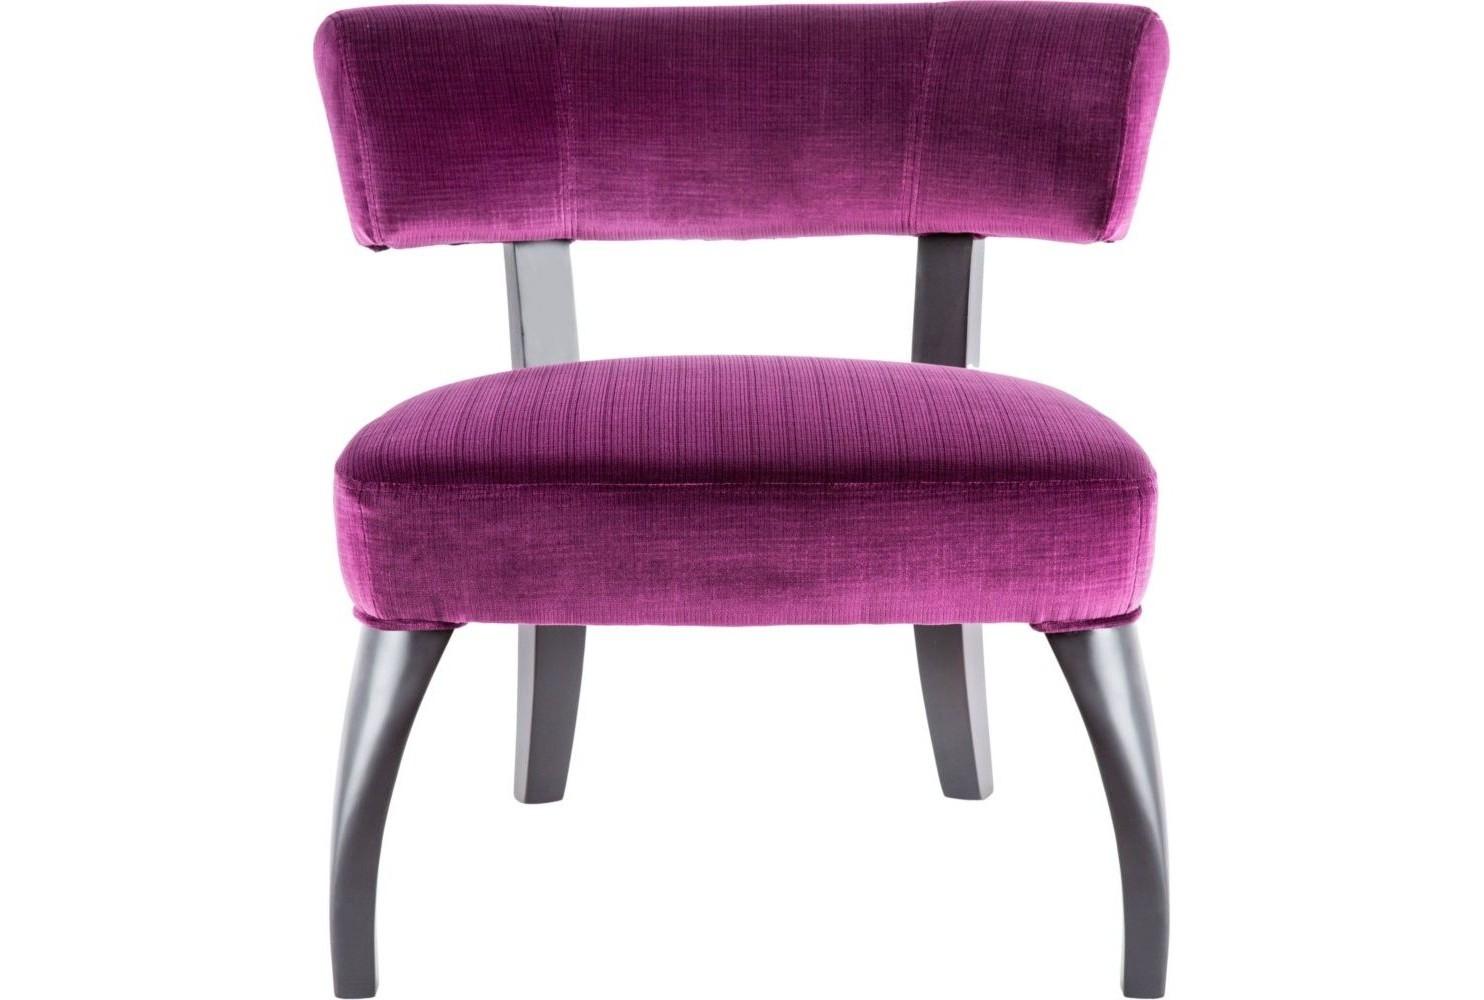 Кресло Severe BugИнтерьерные кресла<br>Приземистый и коренастый, этот низкий стул подчеркнет индивидуальность интерьера, какую бы обивку Вы ни выбрали. Изогнутые ножки черного дерева делают силуэт Severe Bug необычным, достойным существовать рядом с другими дизайнерскими деталями, а искусно продуманная эргономичная конструкция сделает Вашу жизнь еще комфортней.<br><br>Material: Вельвет<br>Width см: 63<br>Depth см: 68<br>Height см: 66